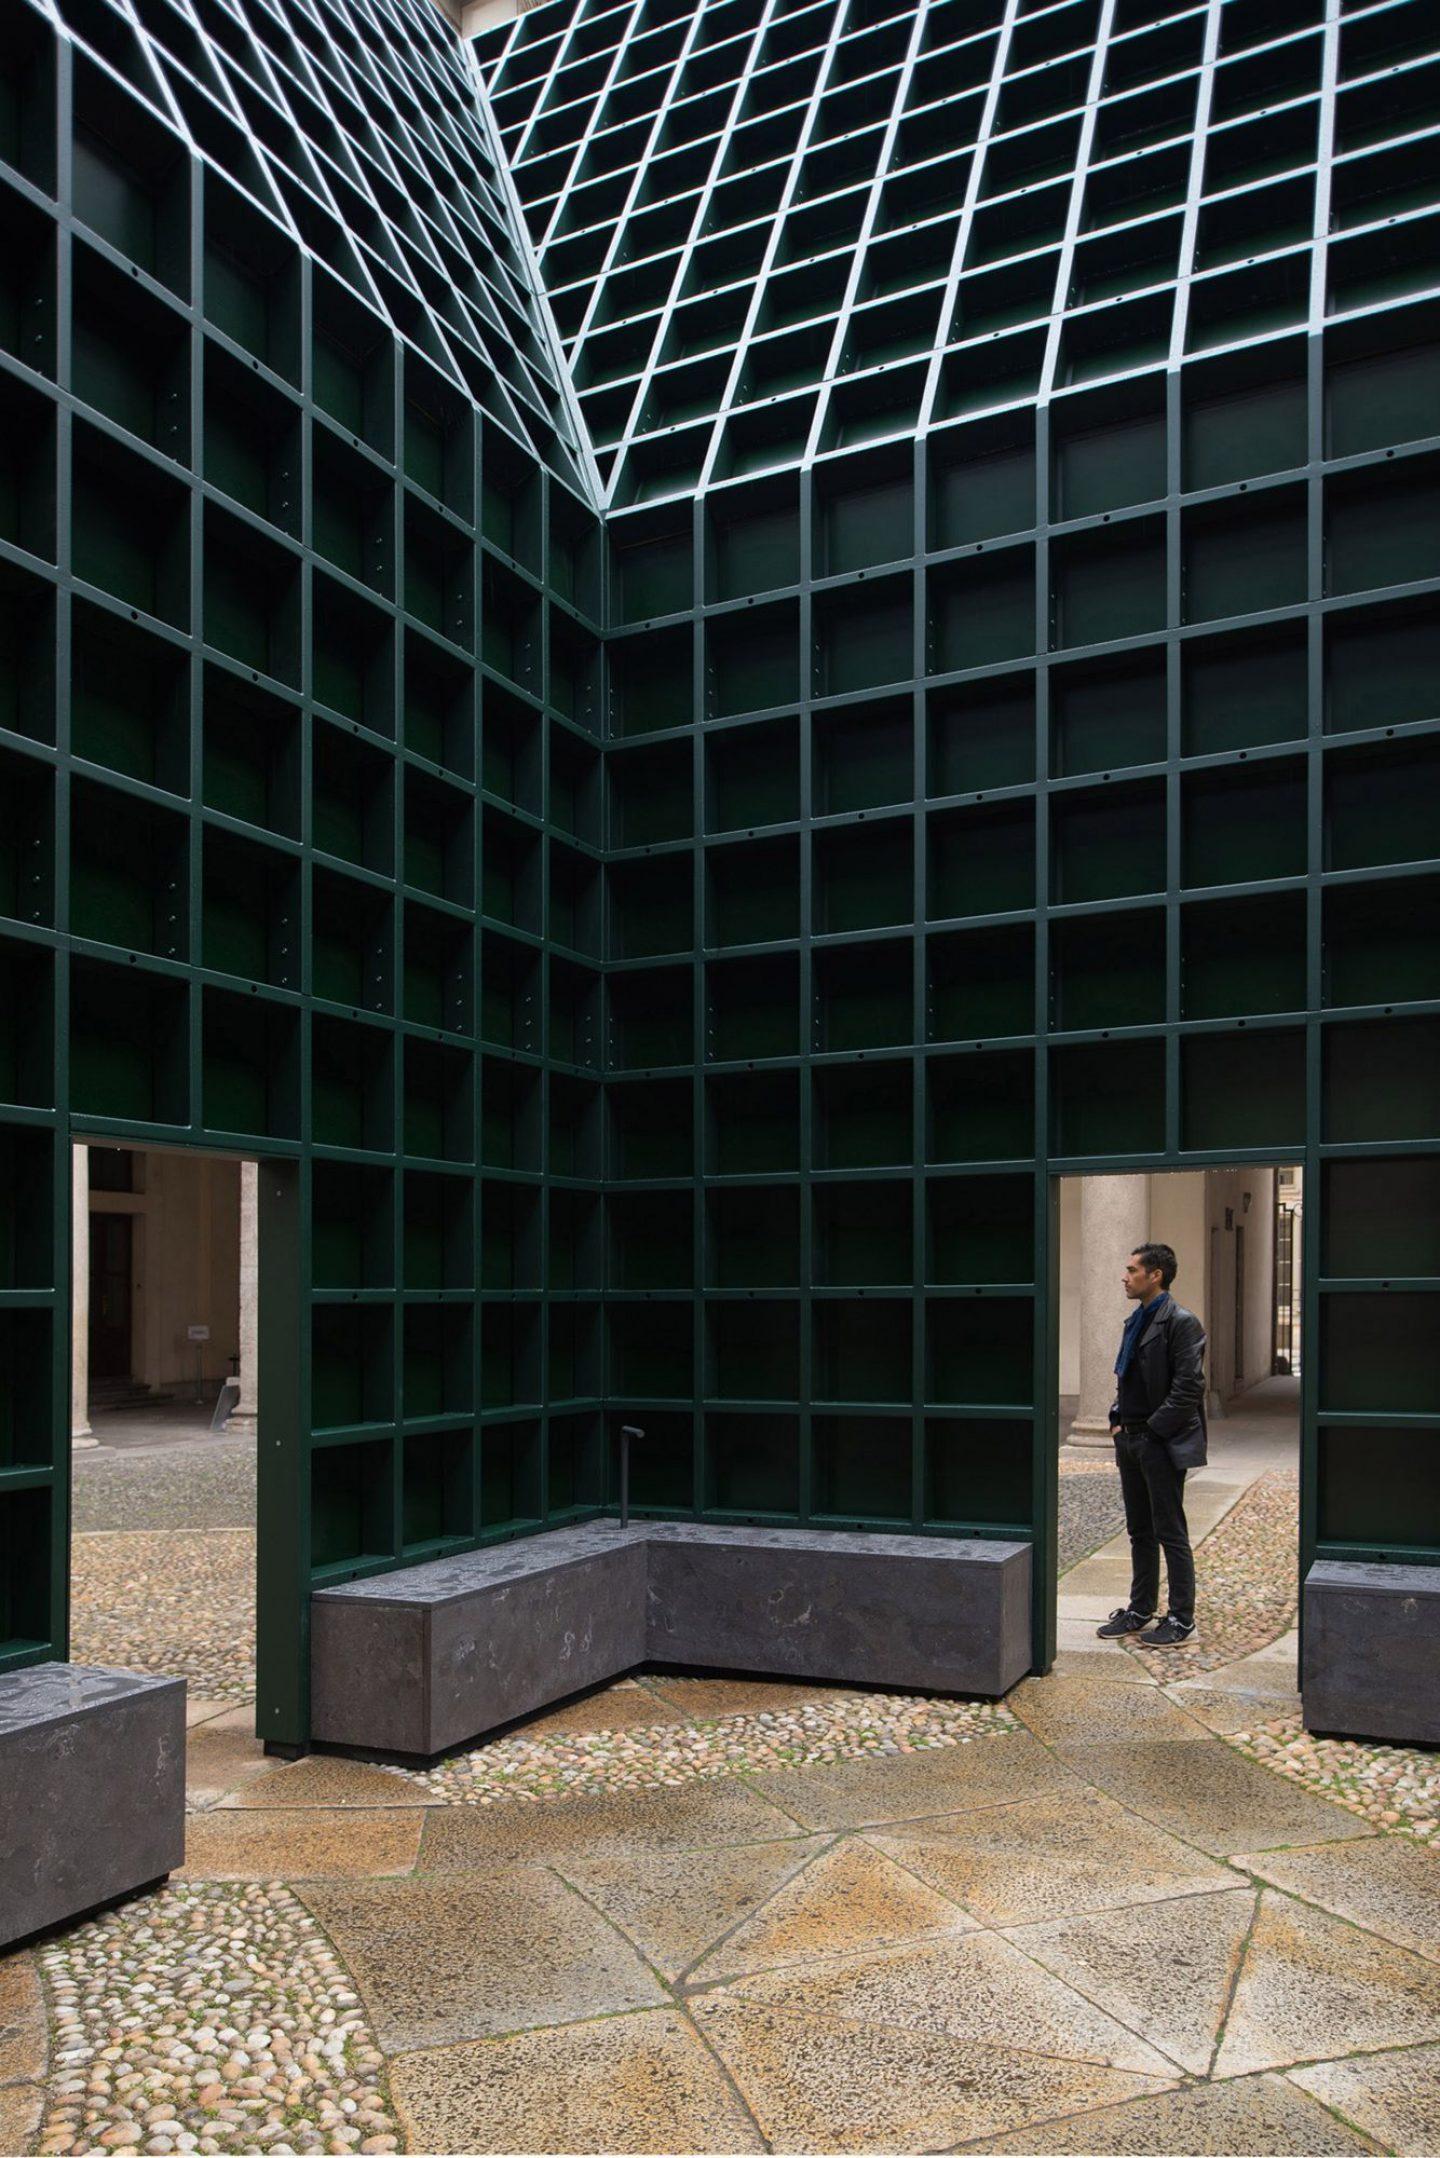 IGNANT-Art-Pezo-von-Ellrichshausen-Echo-Pavilion-12